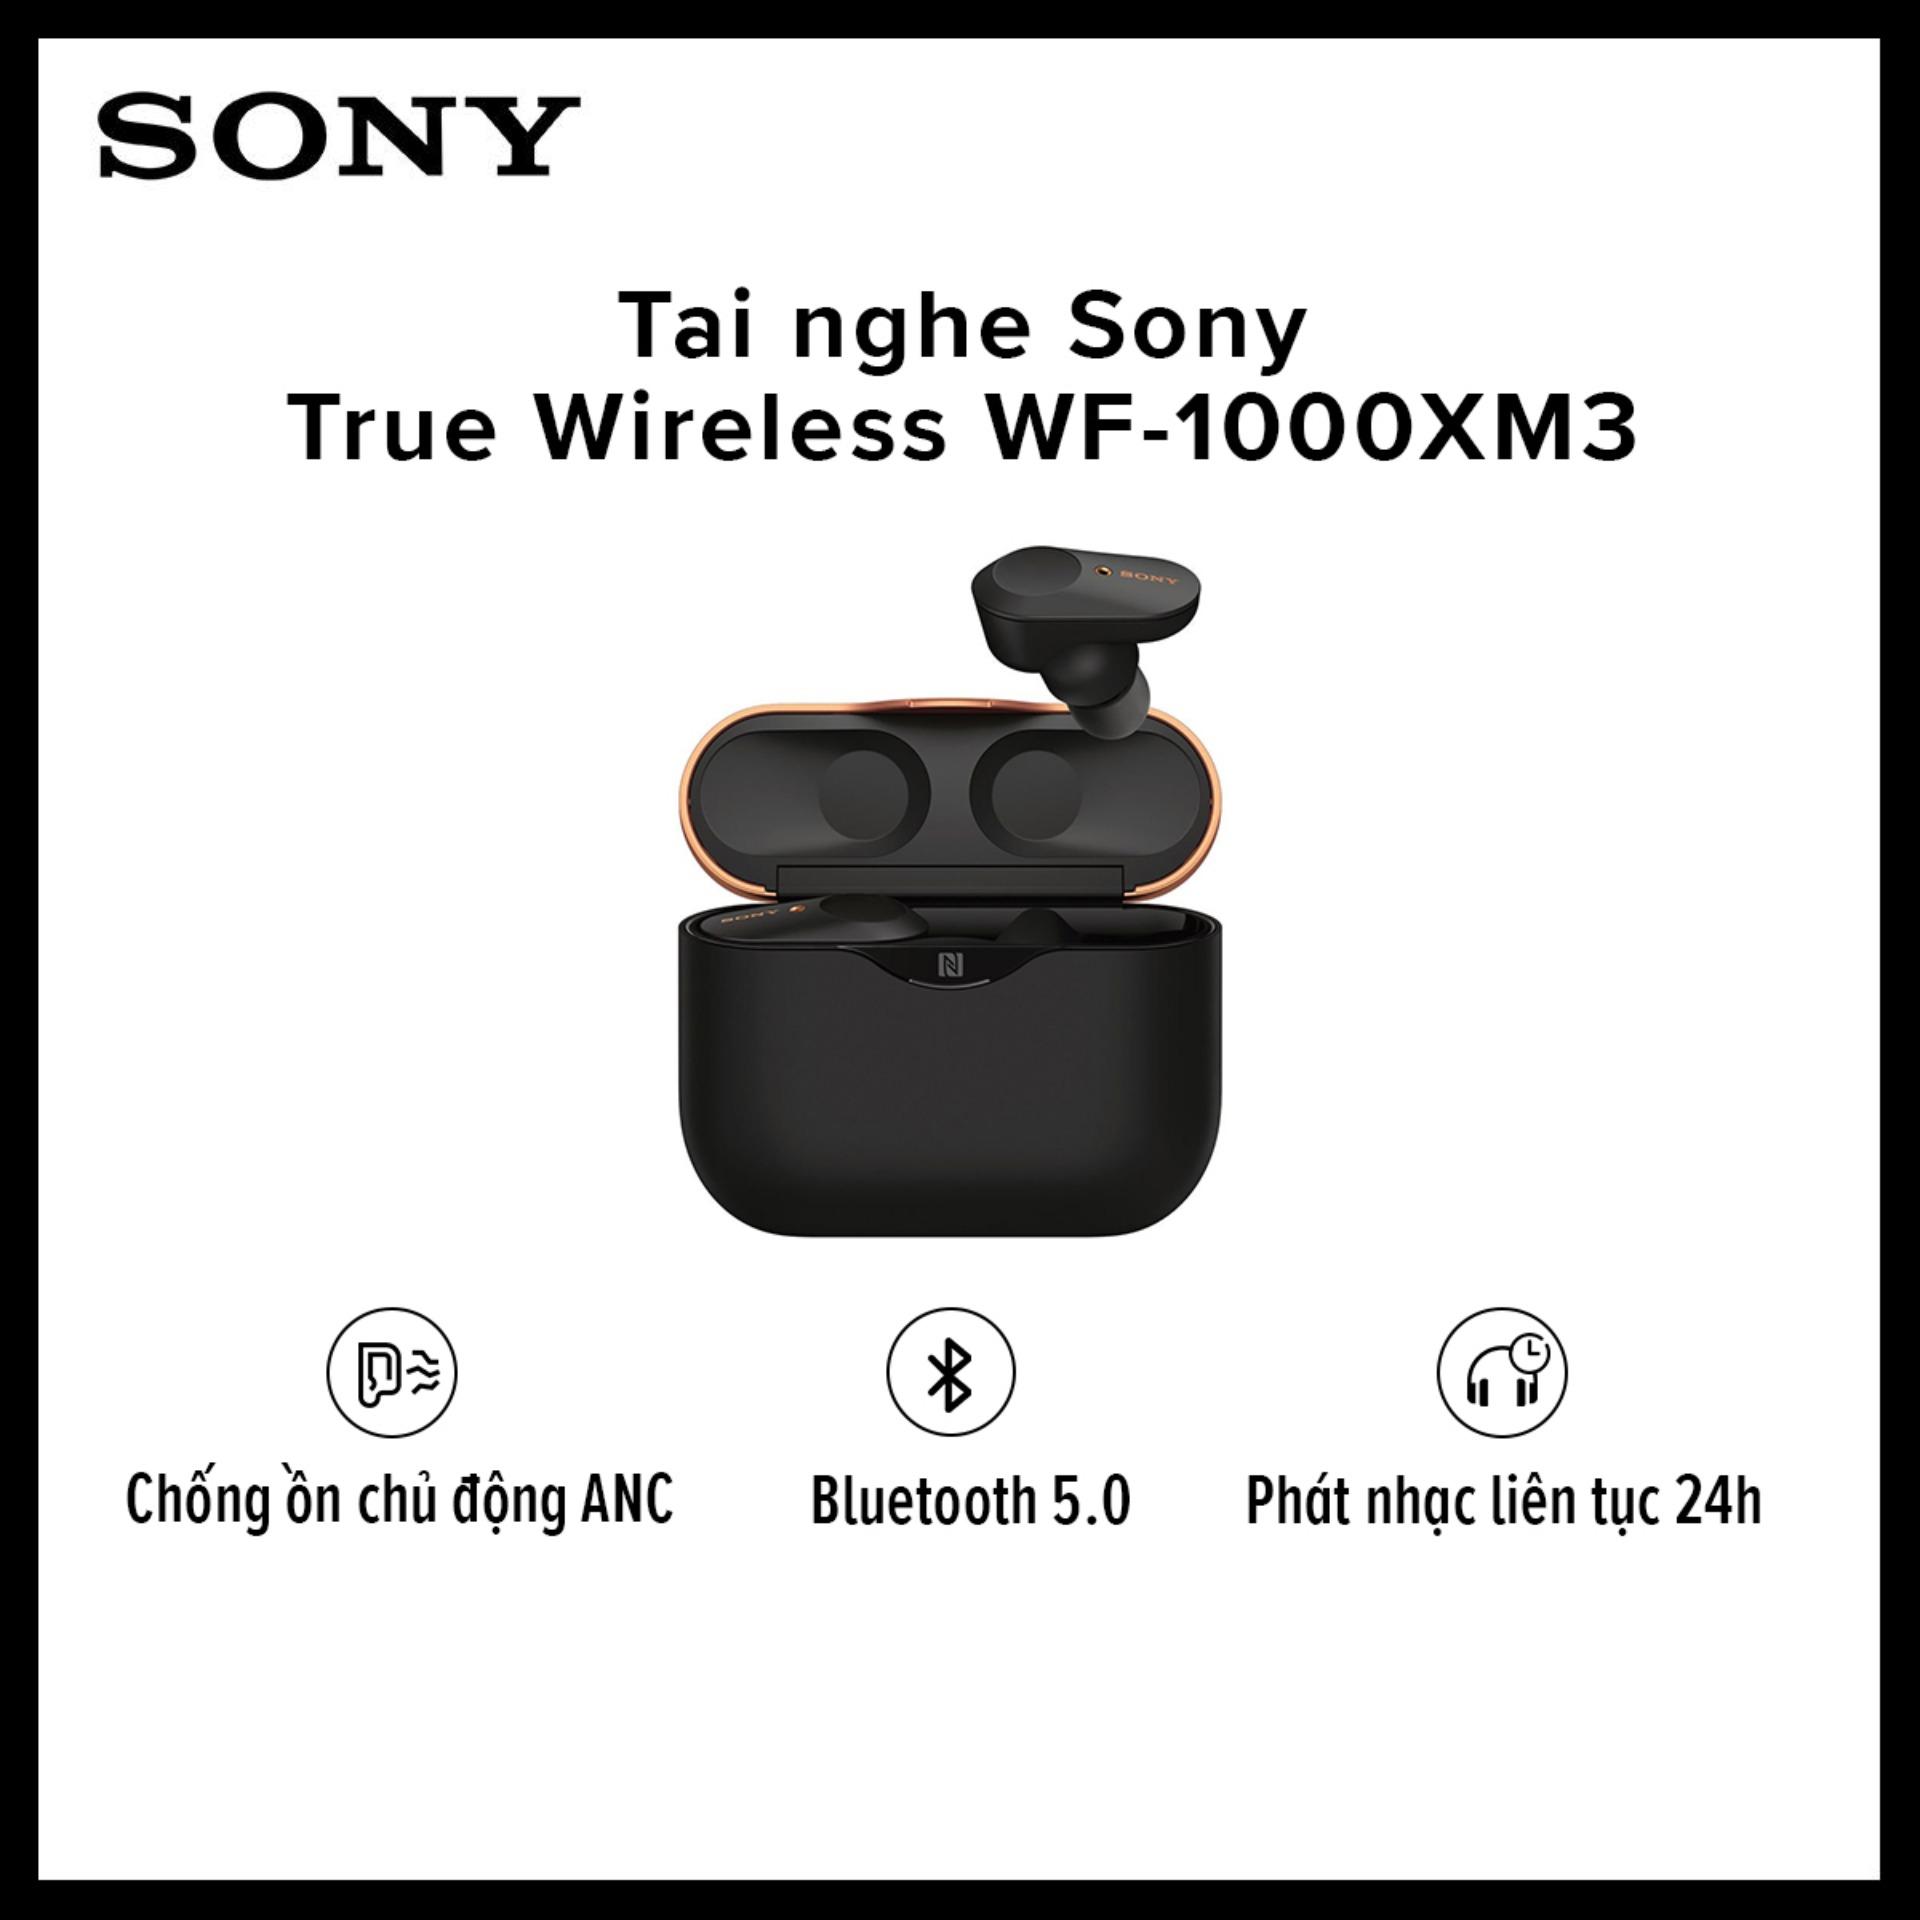 [TRẢ GÓP 0% - HÀNG CHÍNH HÃNG] Tai Nghe Sony True Wireless WF-1000XM3 L Bluetooth V5.0 L Chống ồn Chủ động L Trợ Lý Giọng Nói Google Assistant L Phát Nhạc Liên Tục 8h Với Giá Sốc